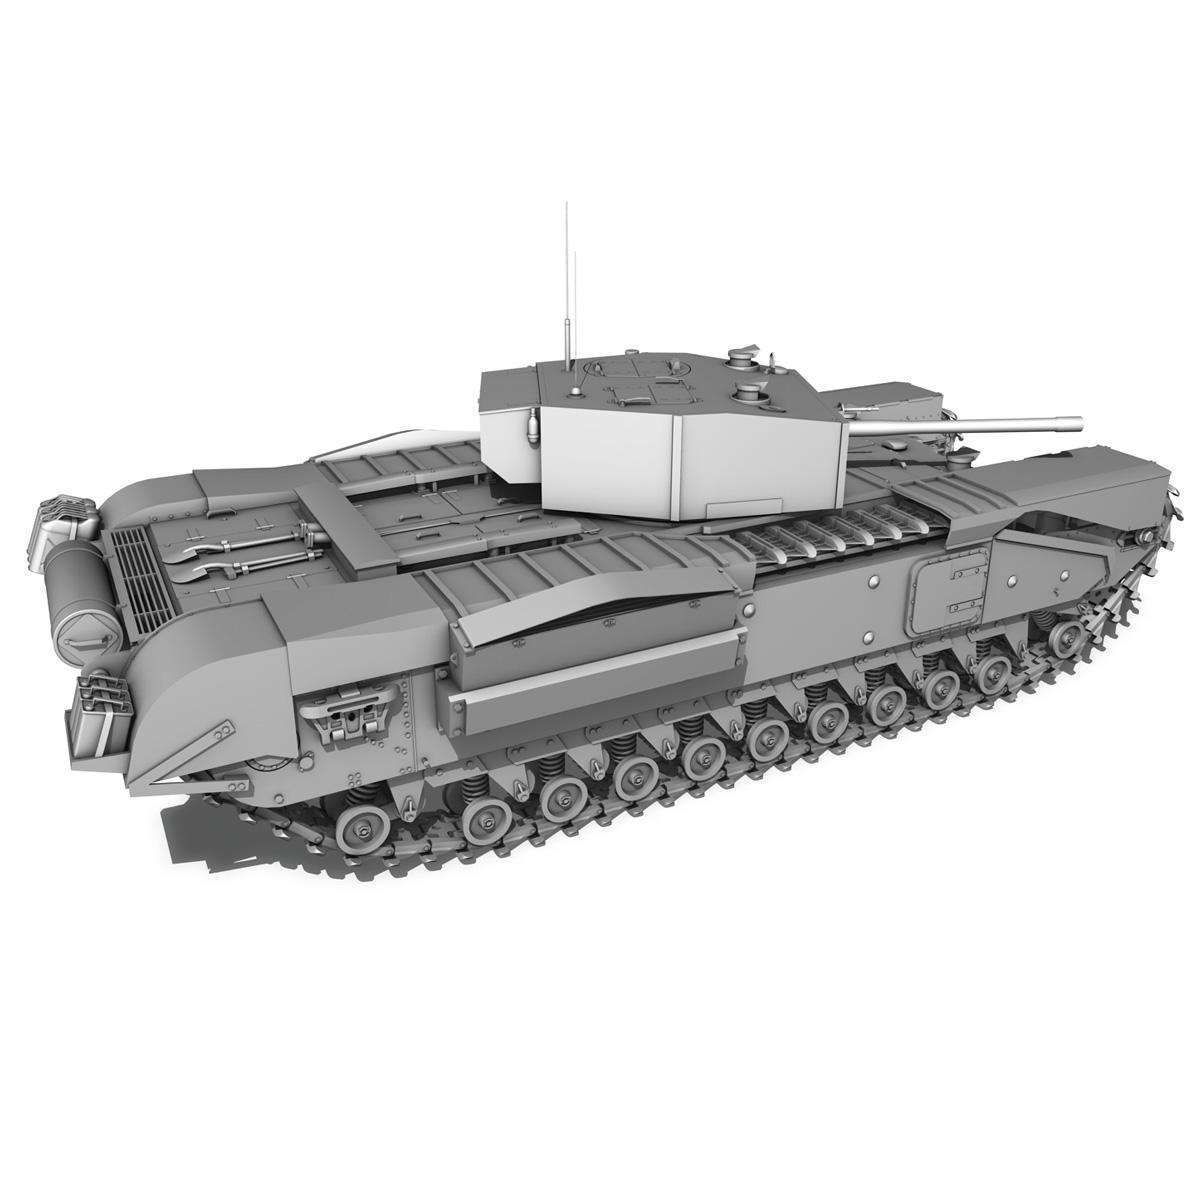 churchill infantry tank mk.iii 3d model 3ds fbx c4d lwo obj 271966